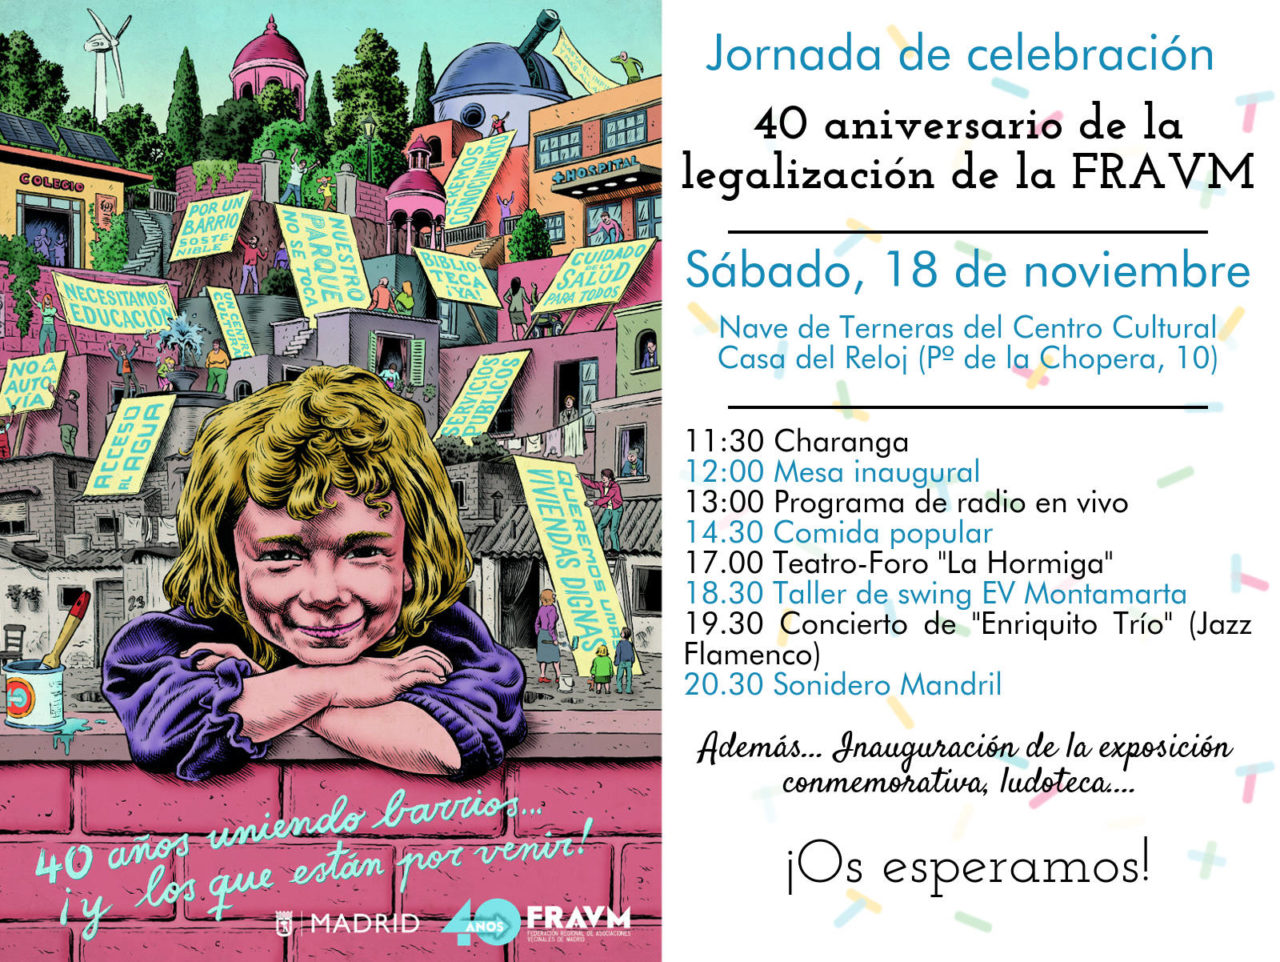 18-N: Flamenco-jazz, teatro y radio en vivo para celebrar los 40 años de la FRAVM